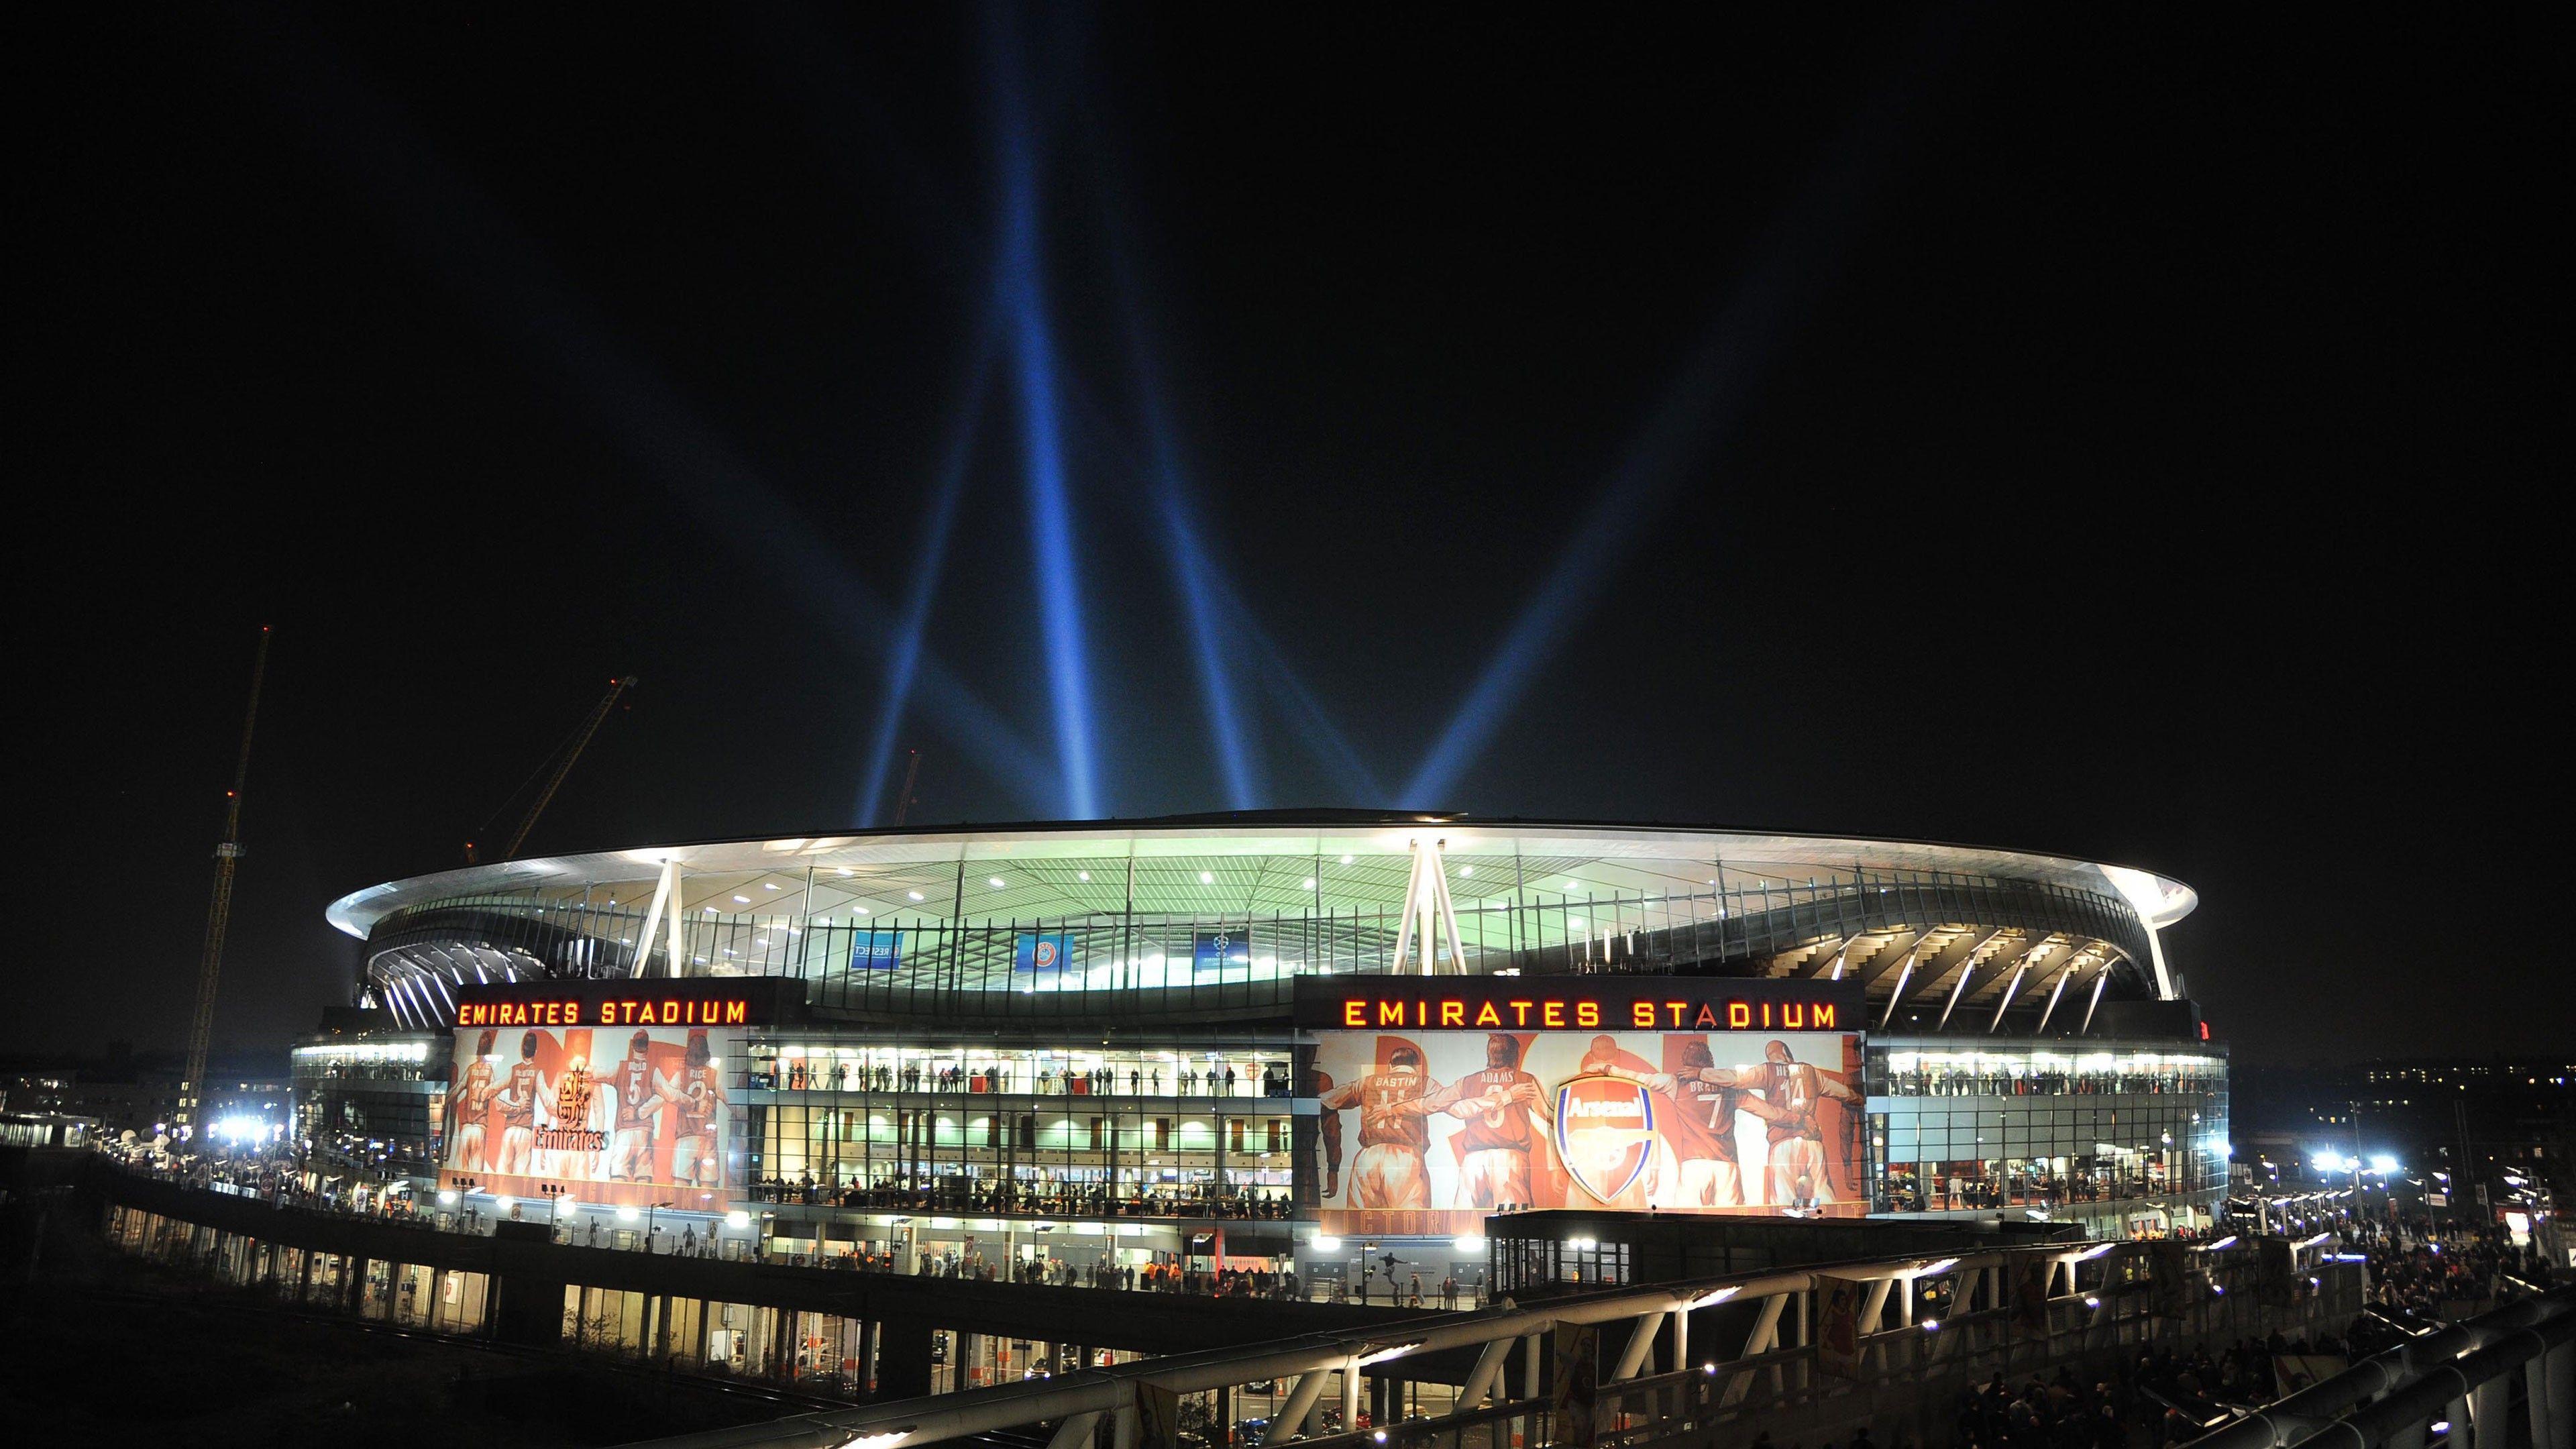 Emirates Stadium Wallpapers Top Free Emirates Stadium